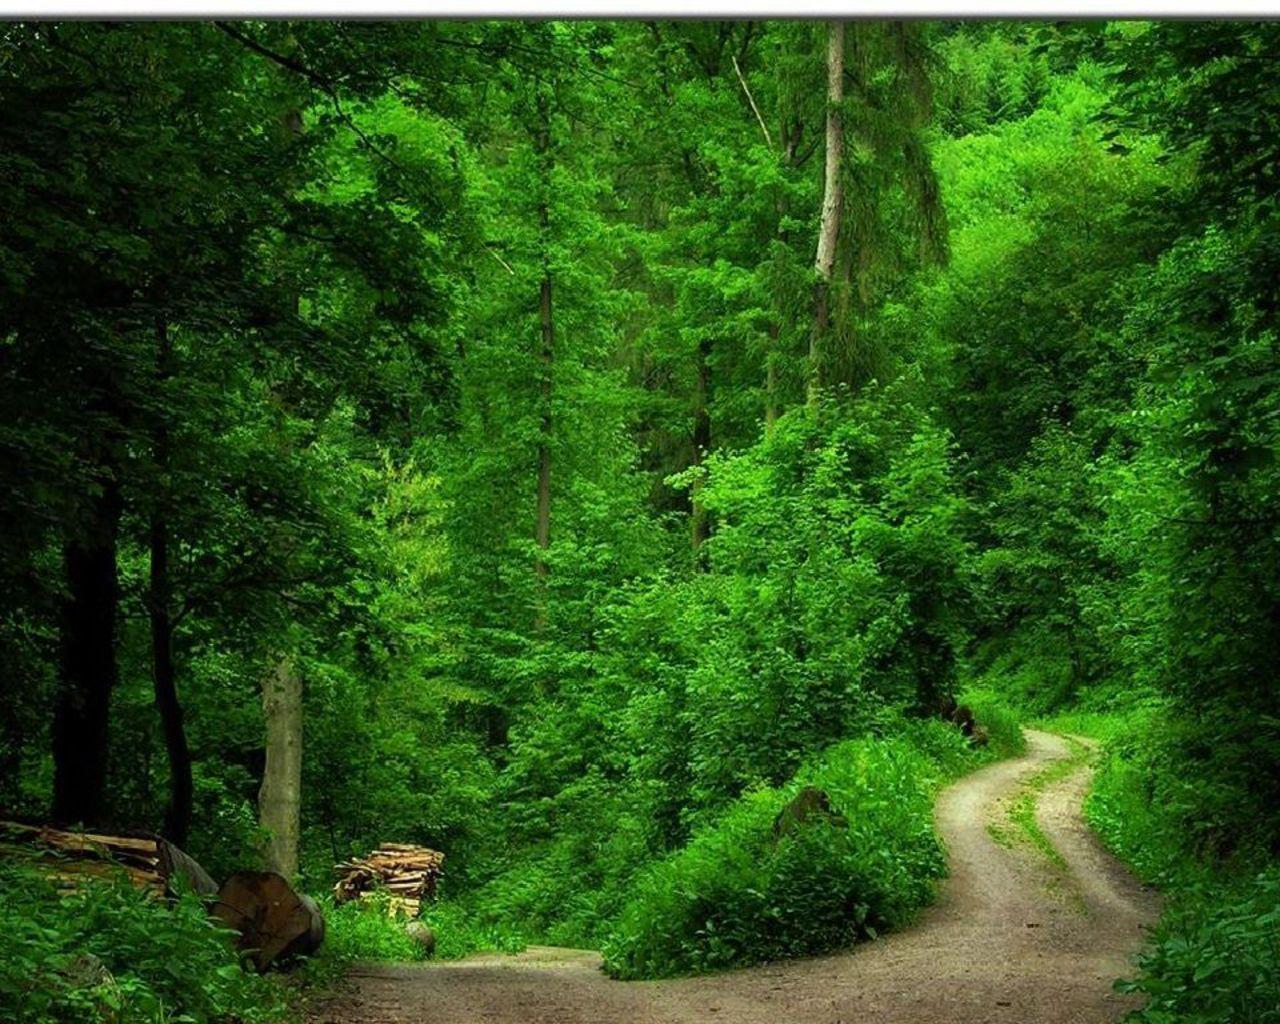 зеленый лес, тропинка, скачать фото, деревья